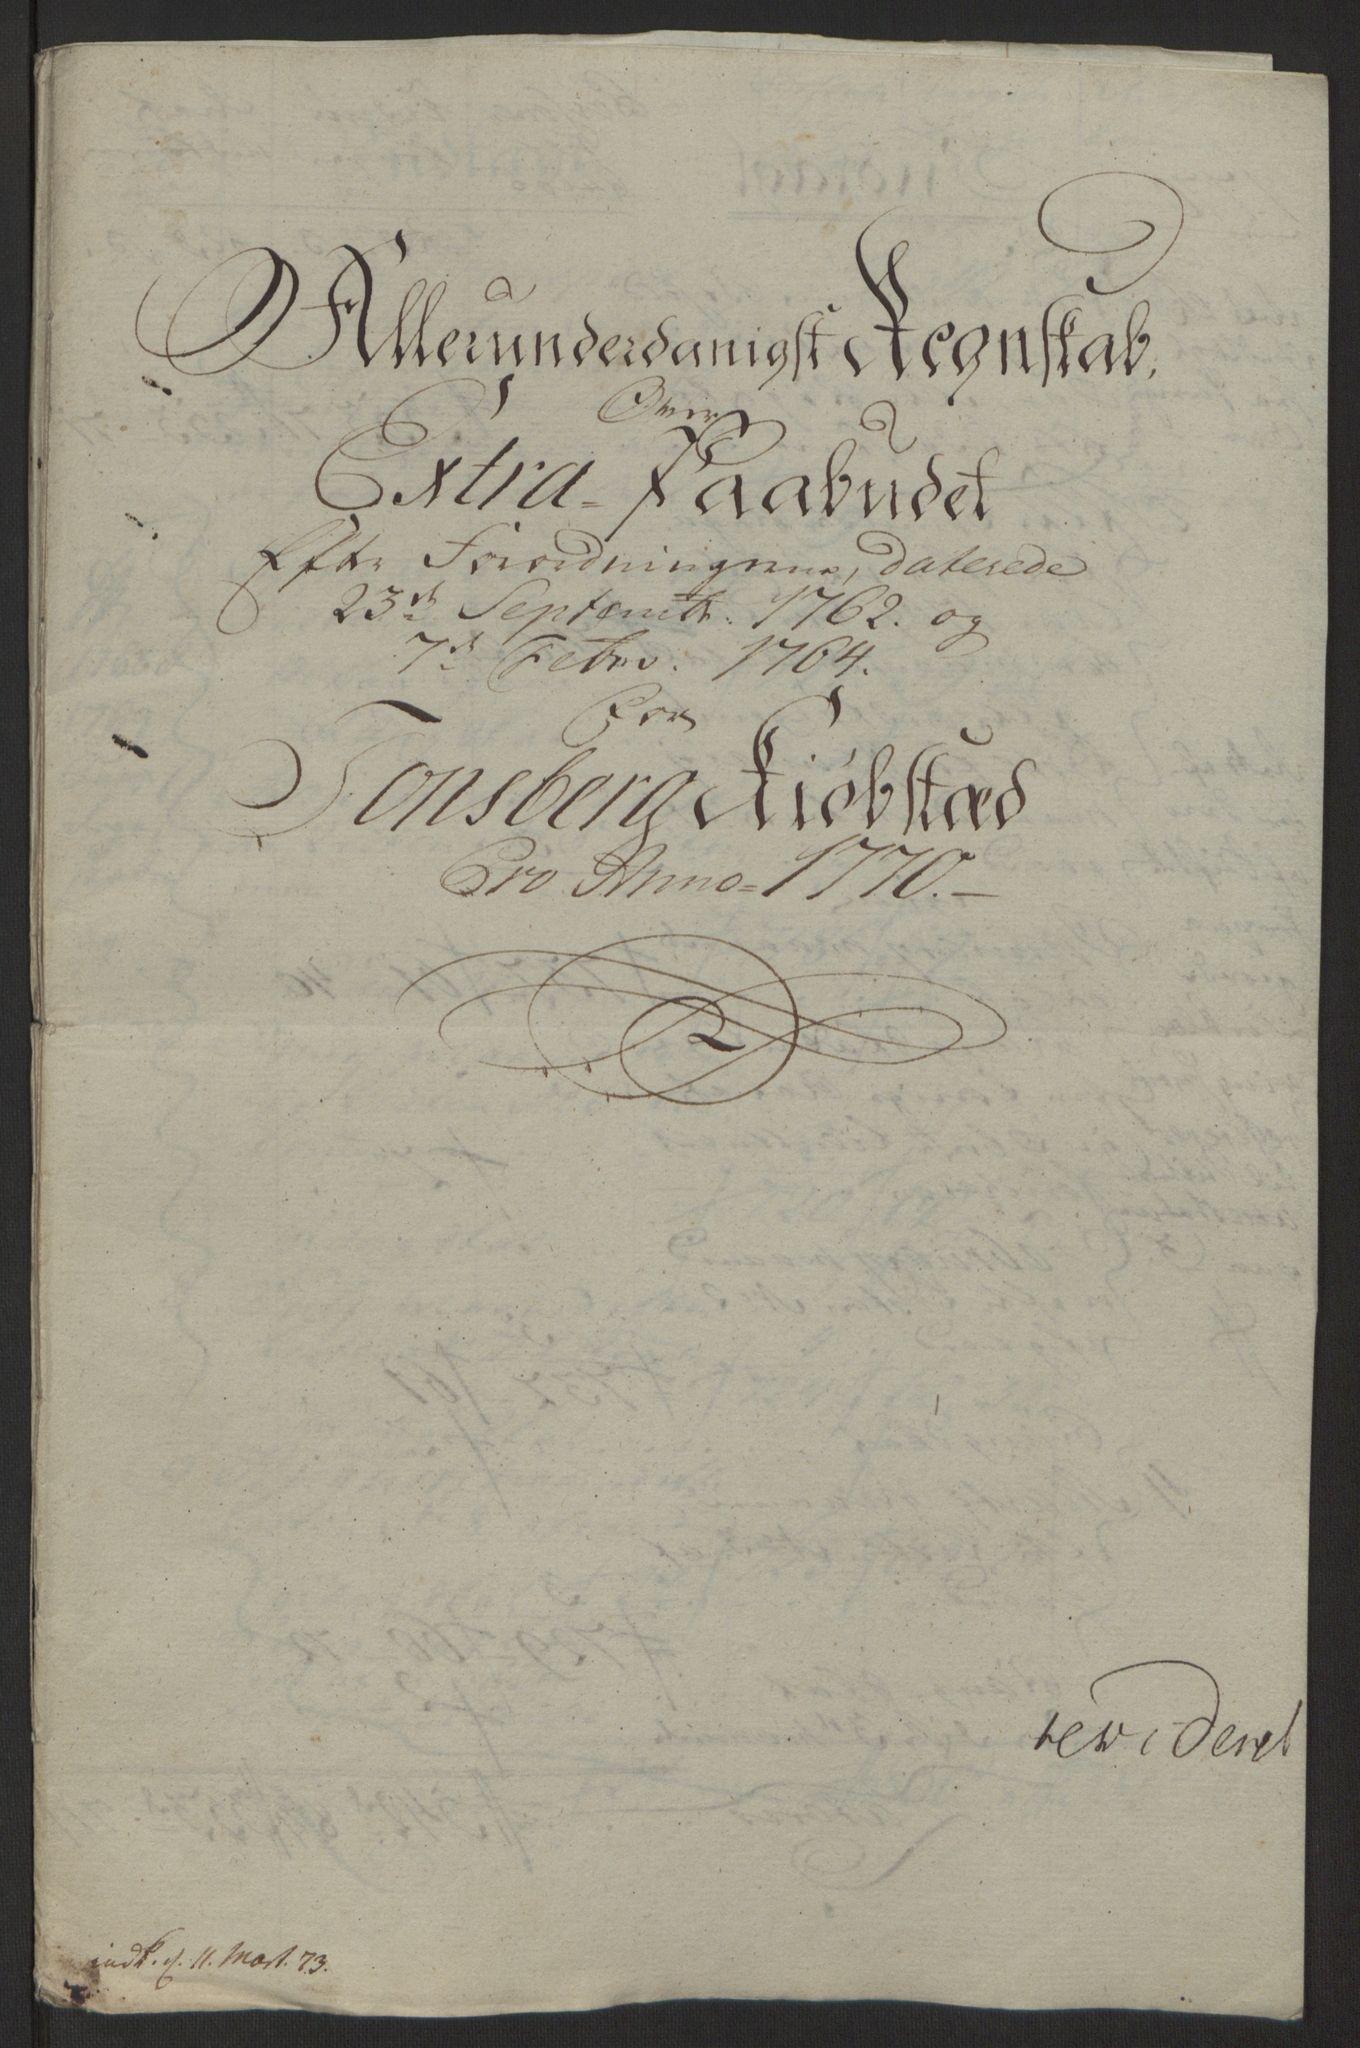 RA, Rentekammeret inntil 1814, Reviderte regnskaper, Byregnskaper, R/Rh/L0162: [H4] Kontribusjonsregnskap, 1762-1772, s. 369